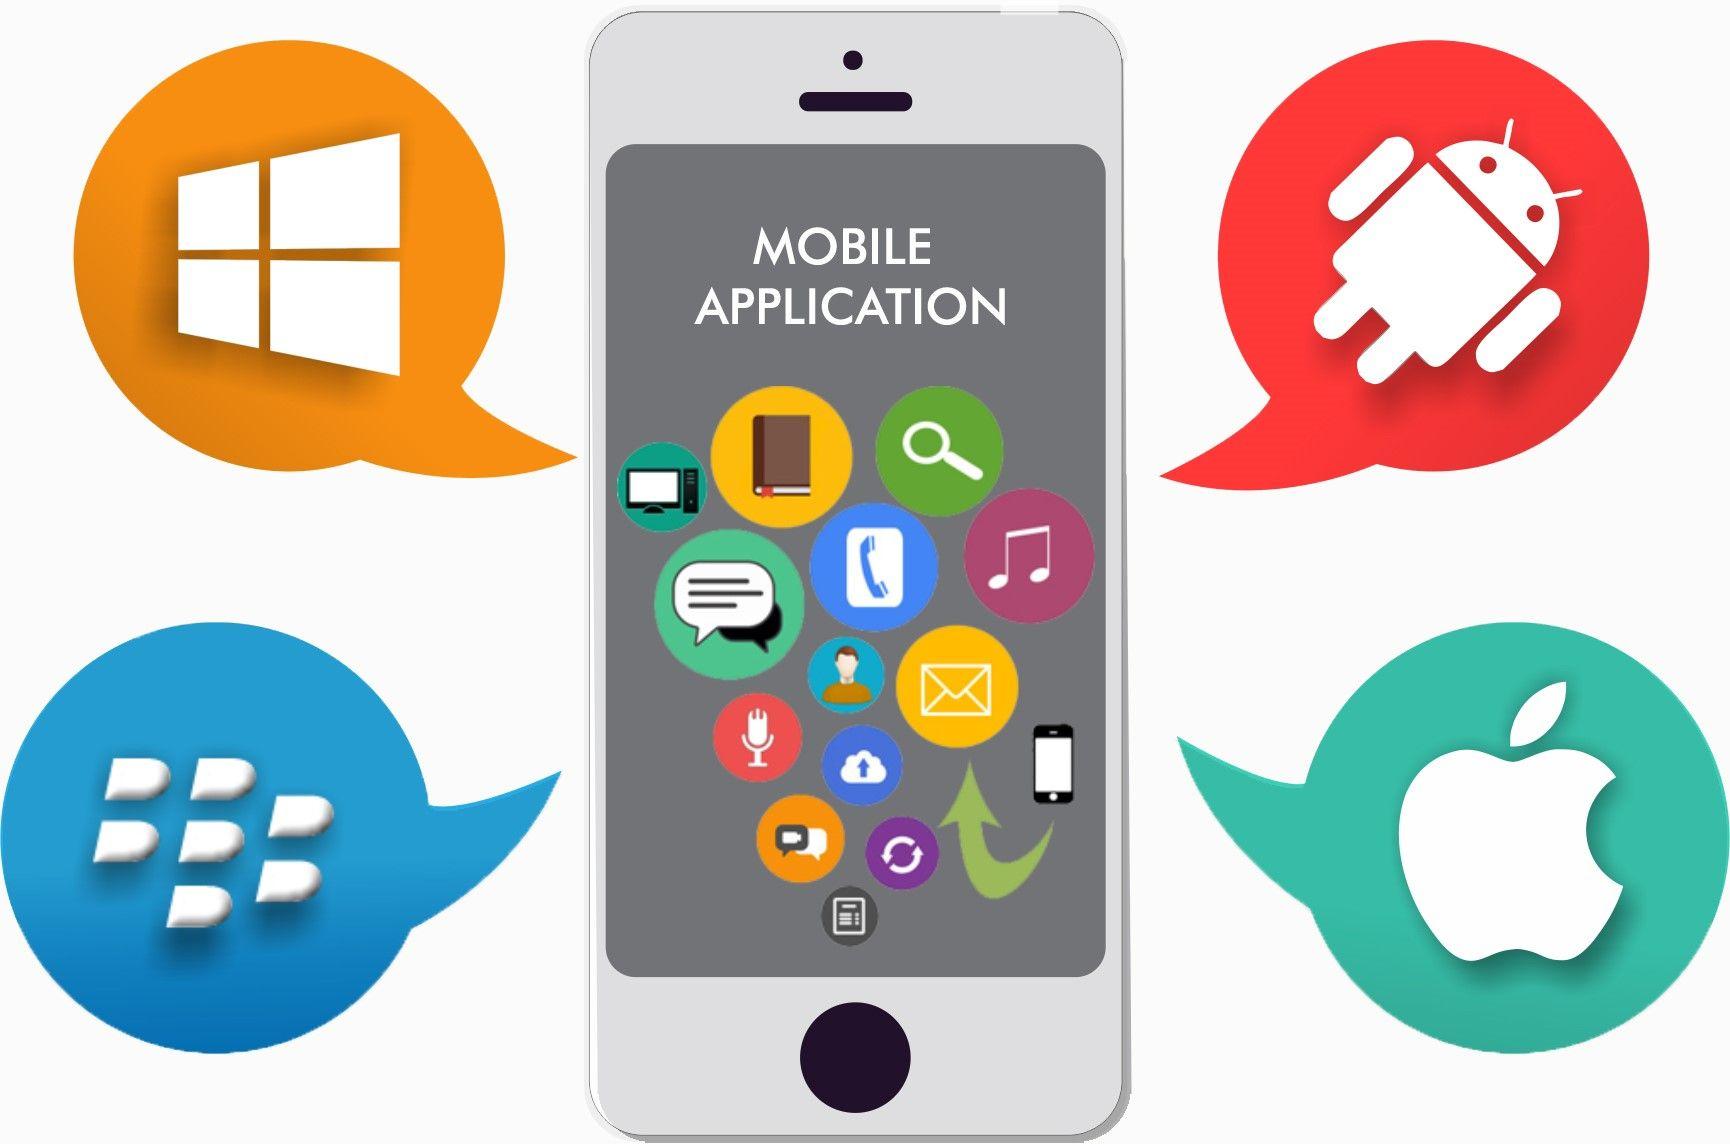 Arga Jasa Pembuatan Aplikasi Android Terjangkau Sesuai Kebutuhan Aplikasi Desain App Android